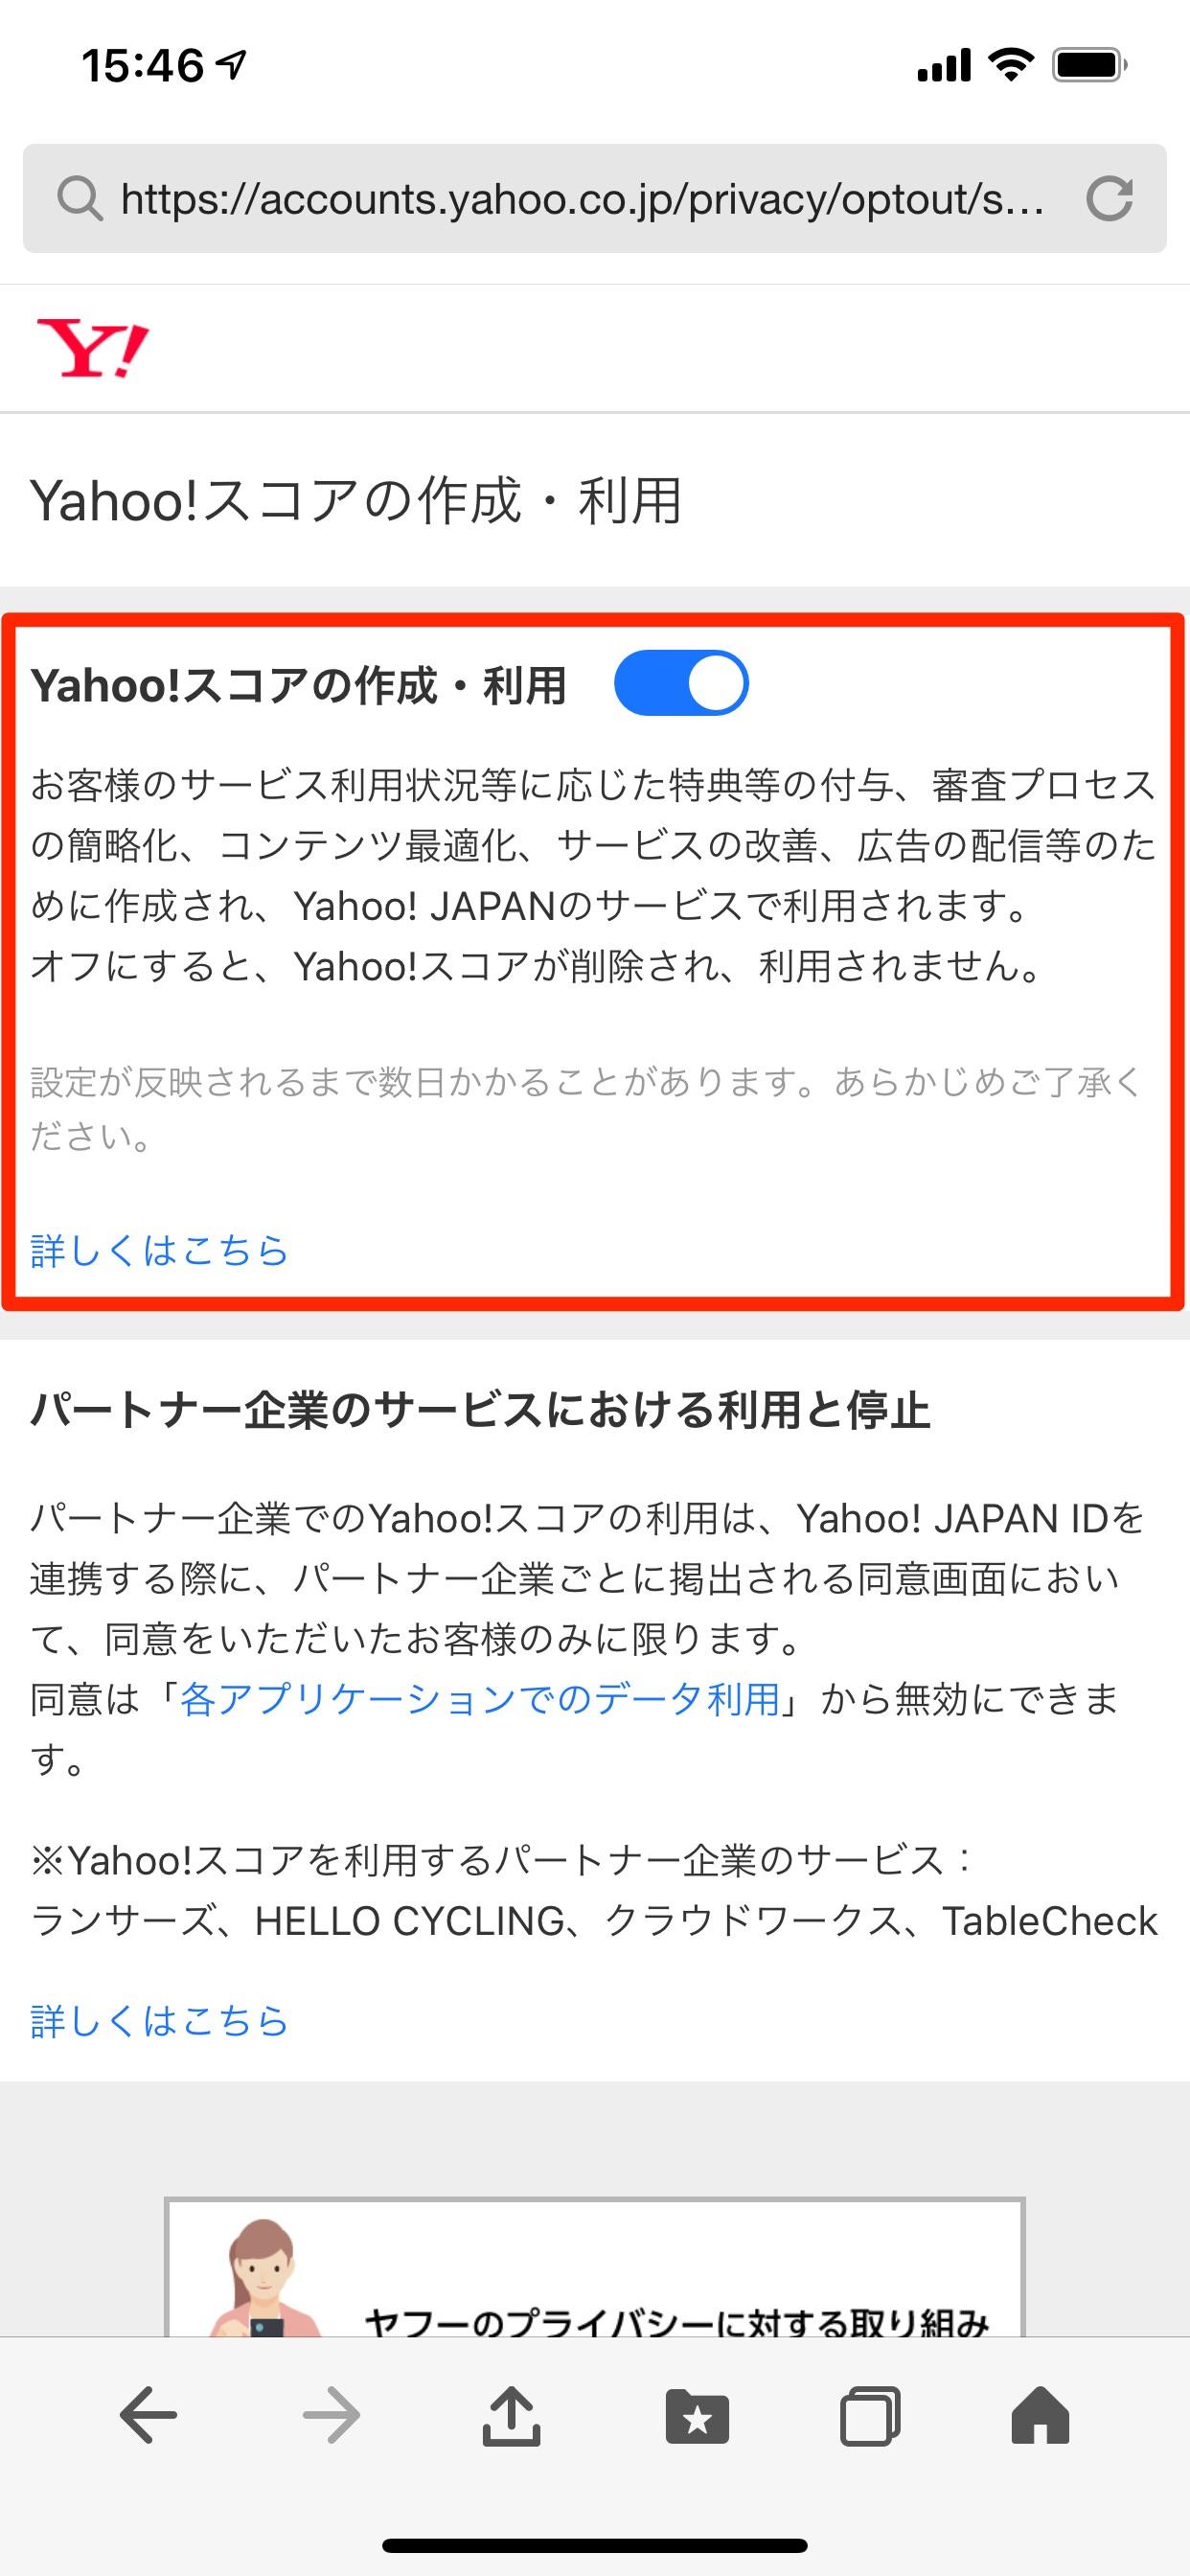 yahoo-score-app-5